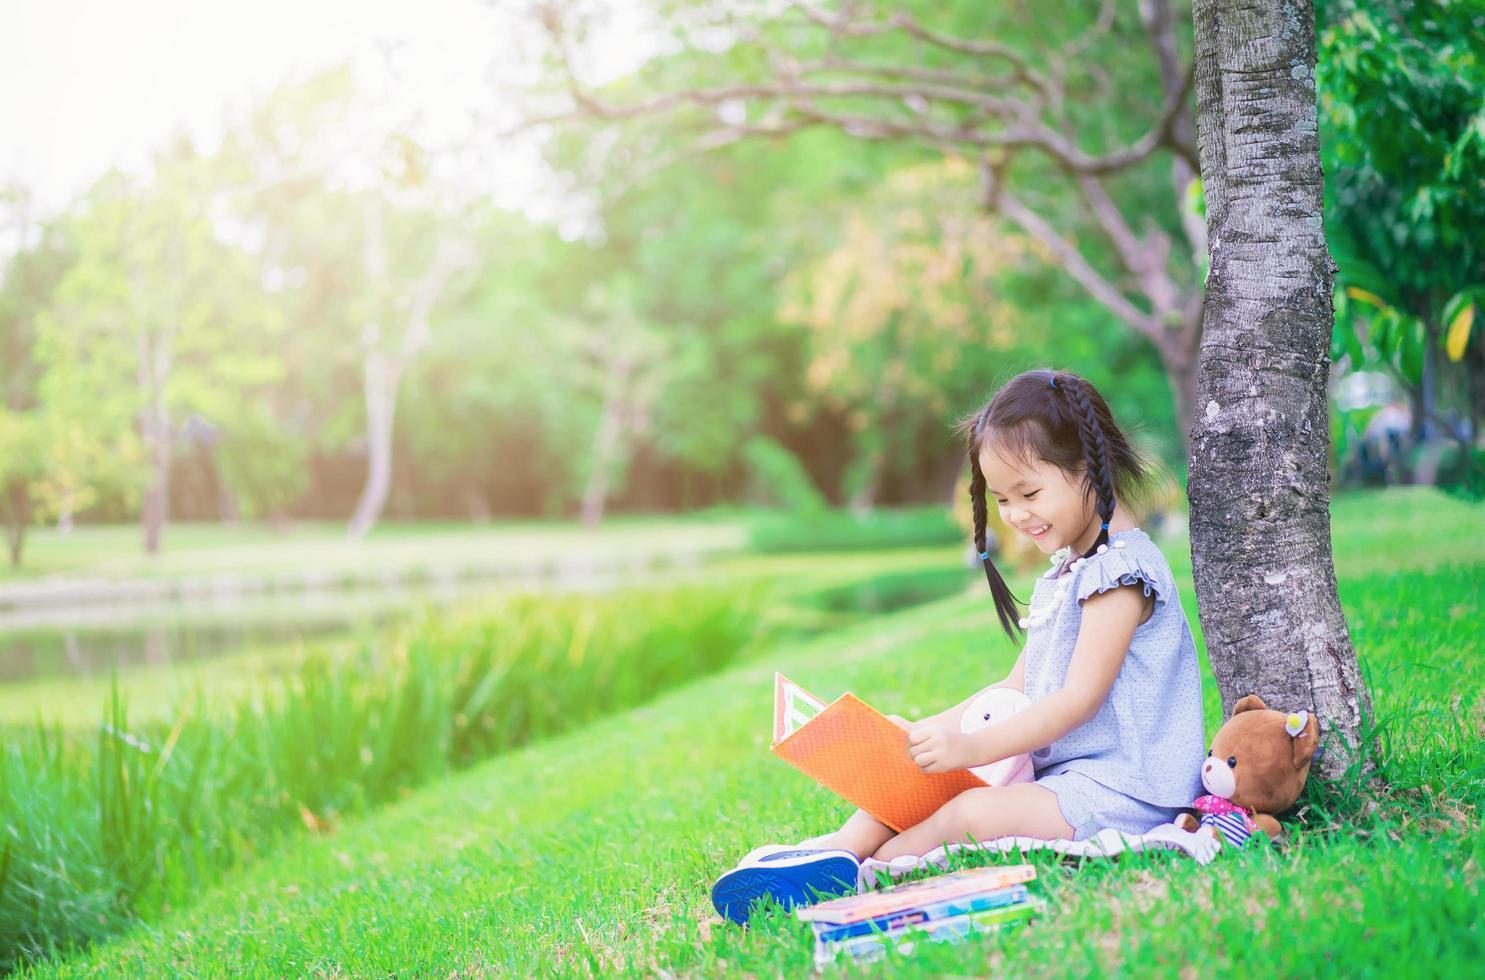 livre de lecture jeune fille asiatique dans un parc photo